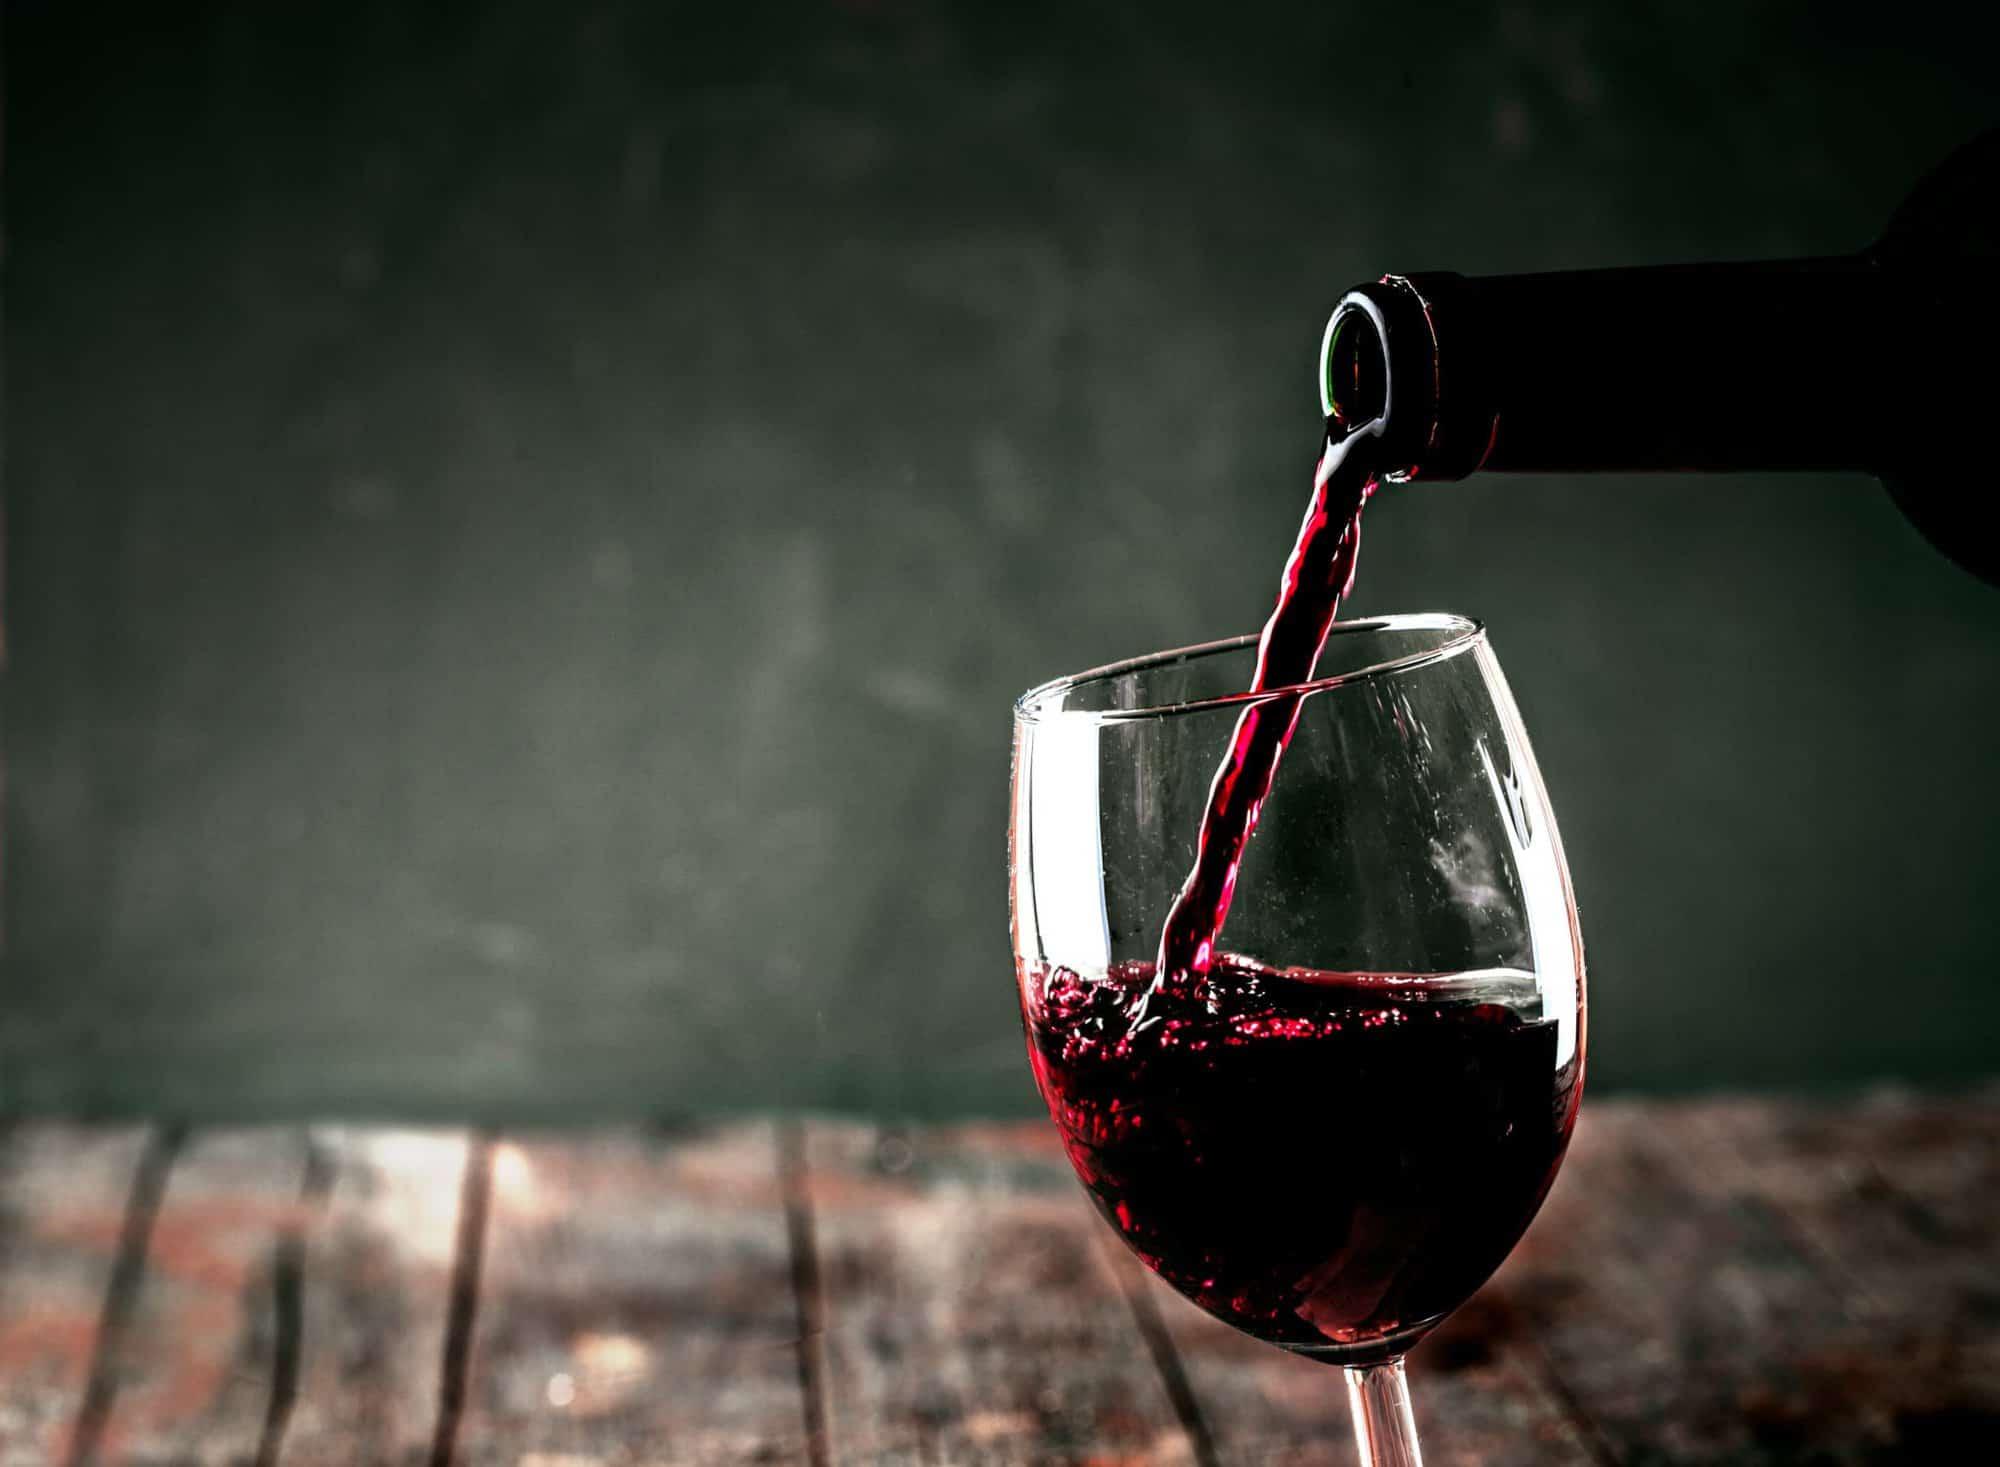 Wine, software que roda programas do Windows no Linux, chega à versão 6.0 - Olhar Digital